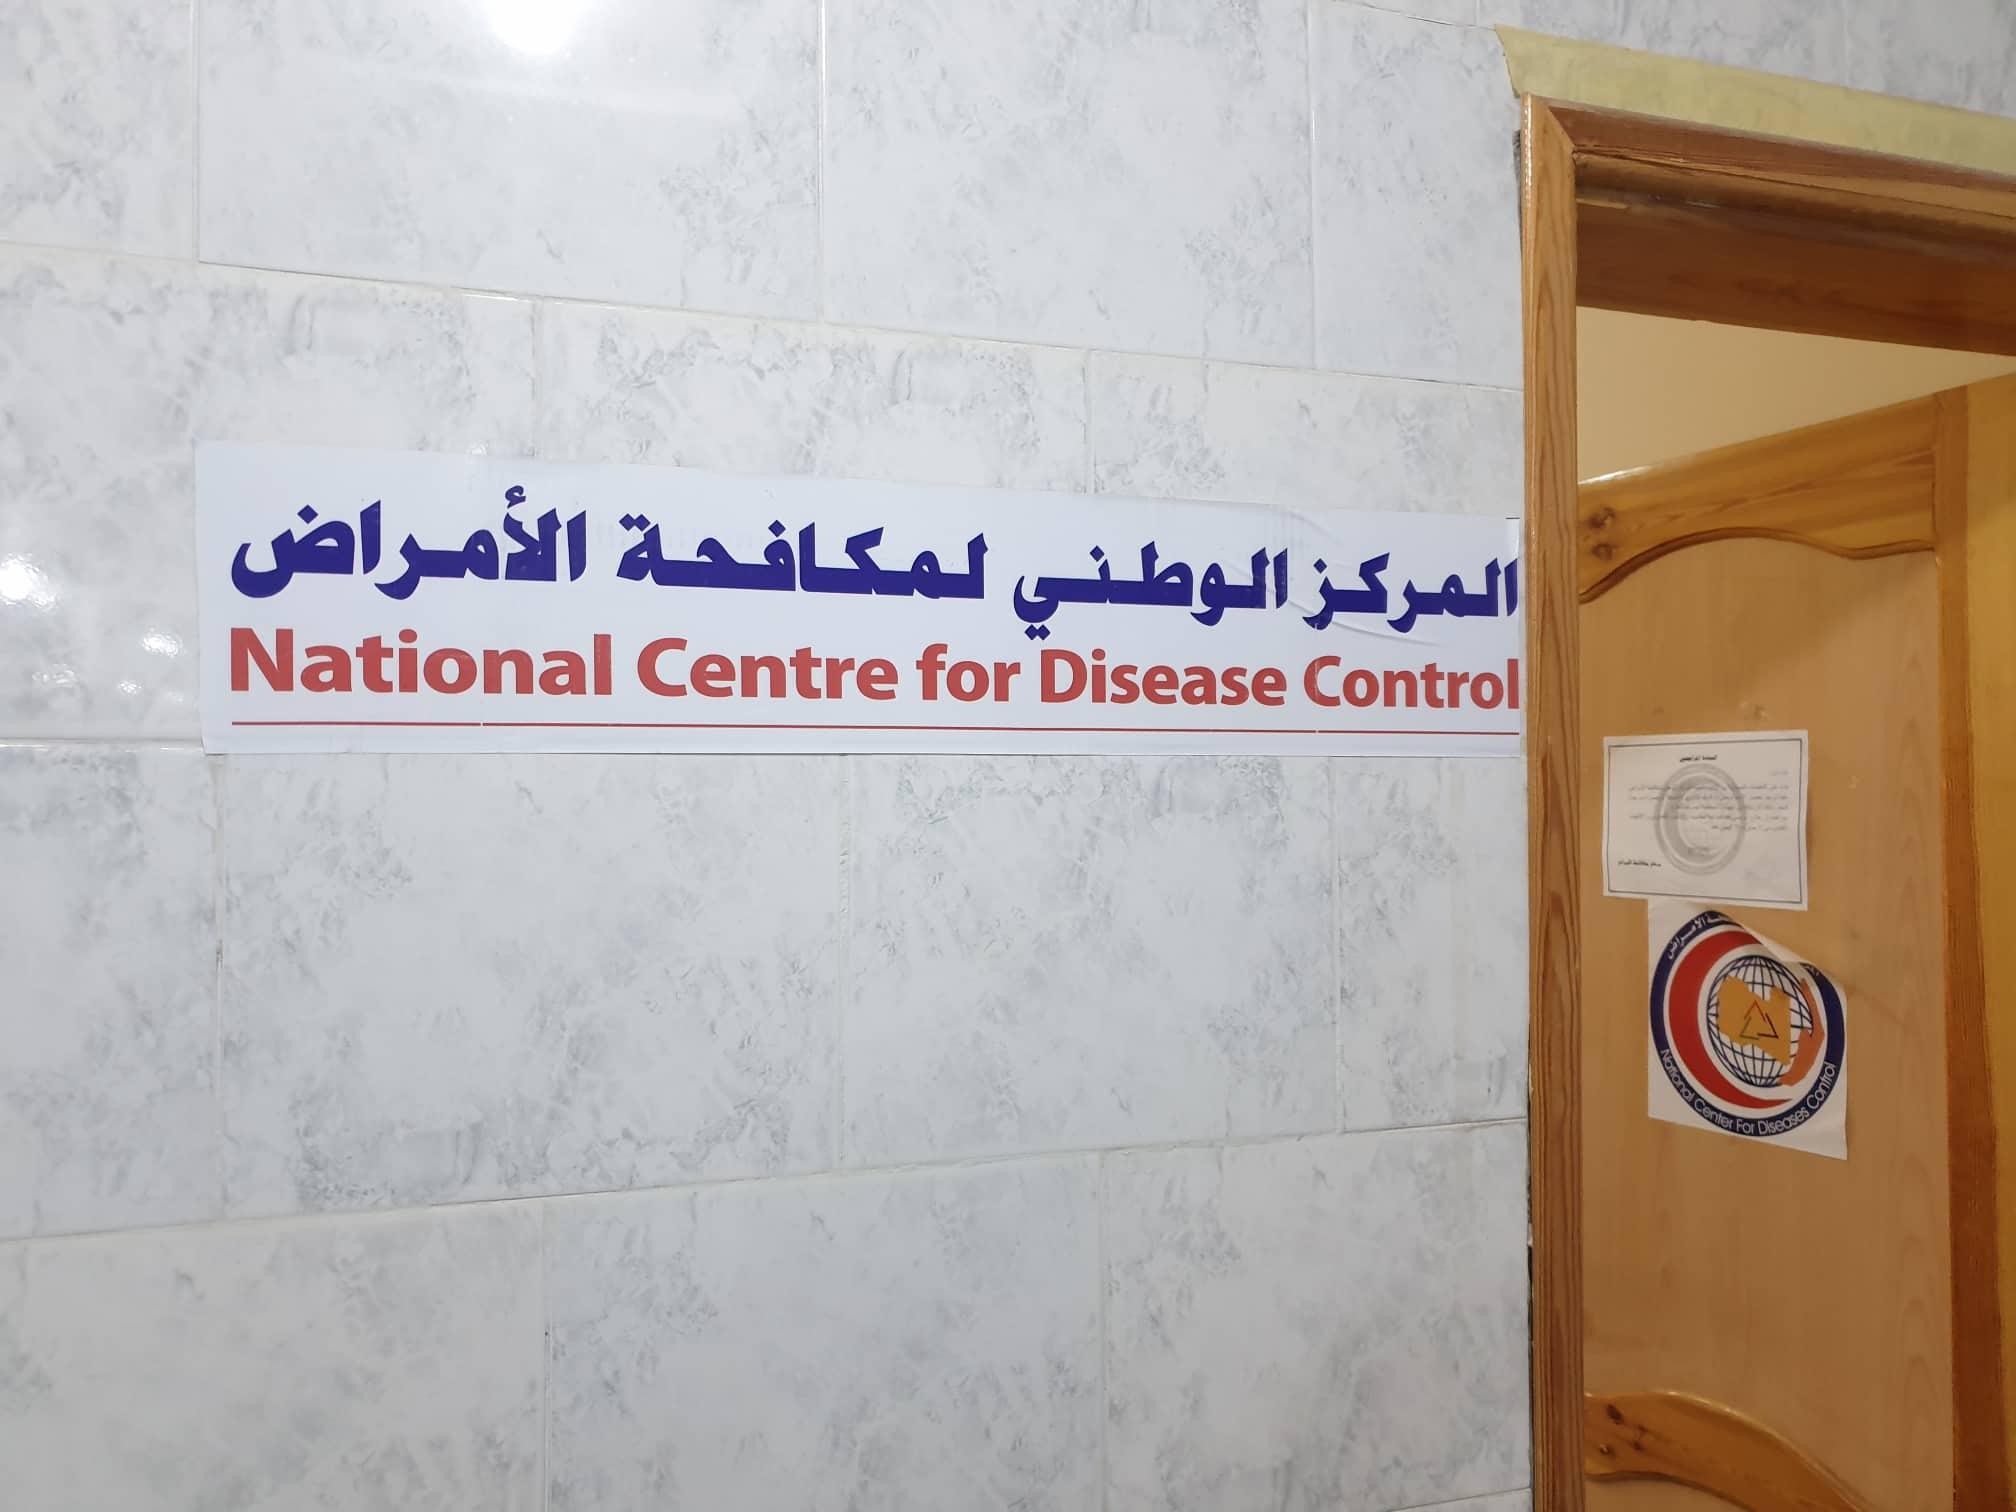 المركز الوطني للأمراض السارية والمتوطنة